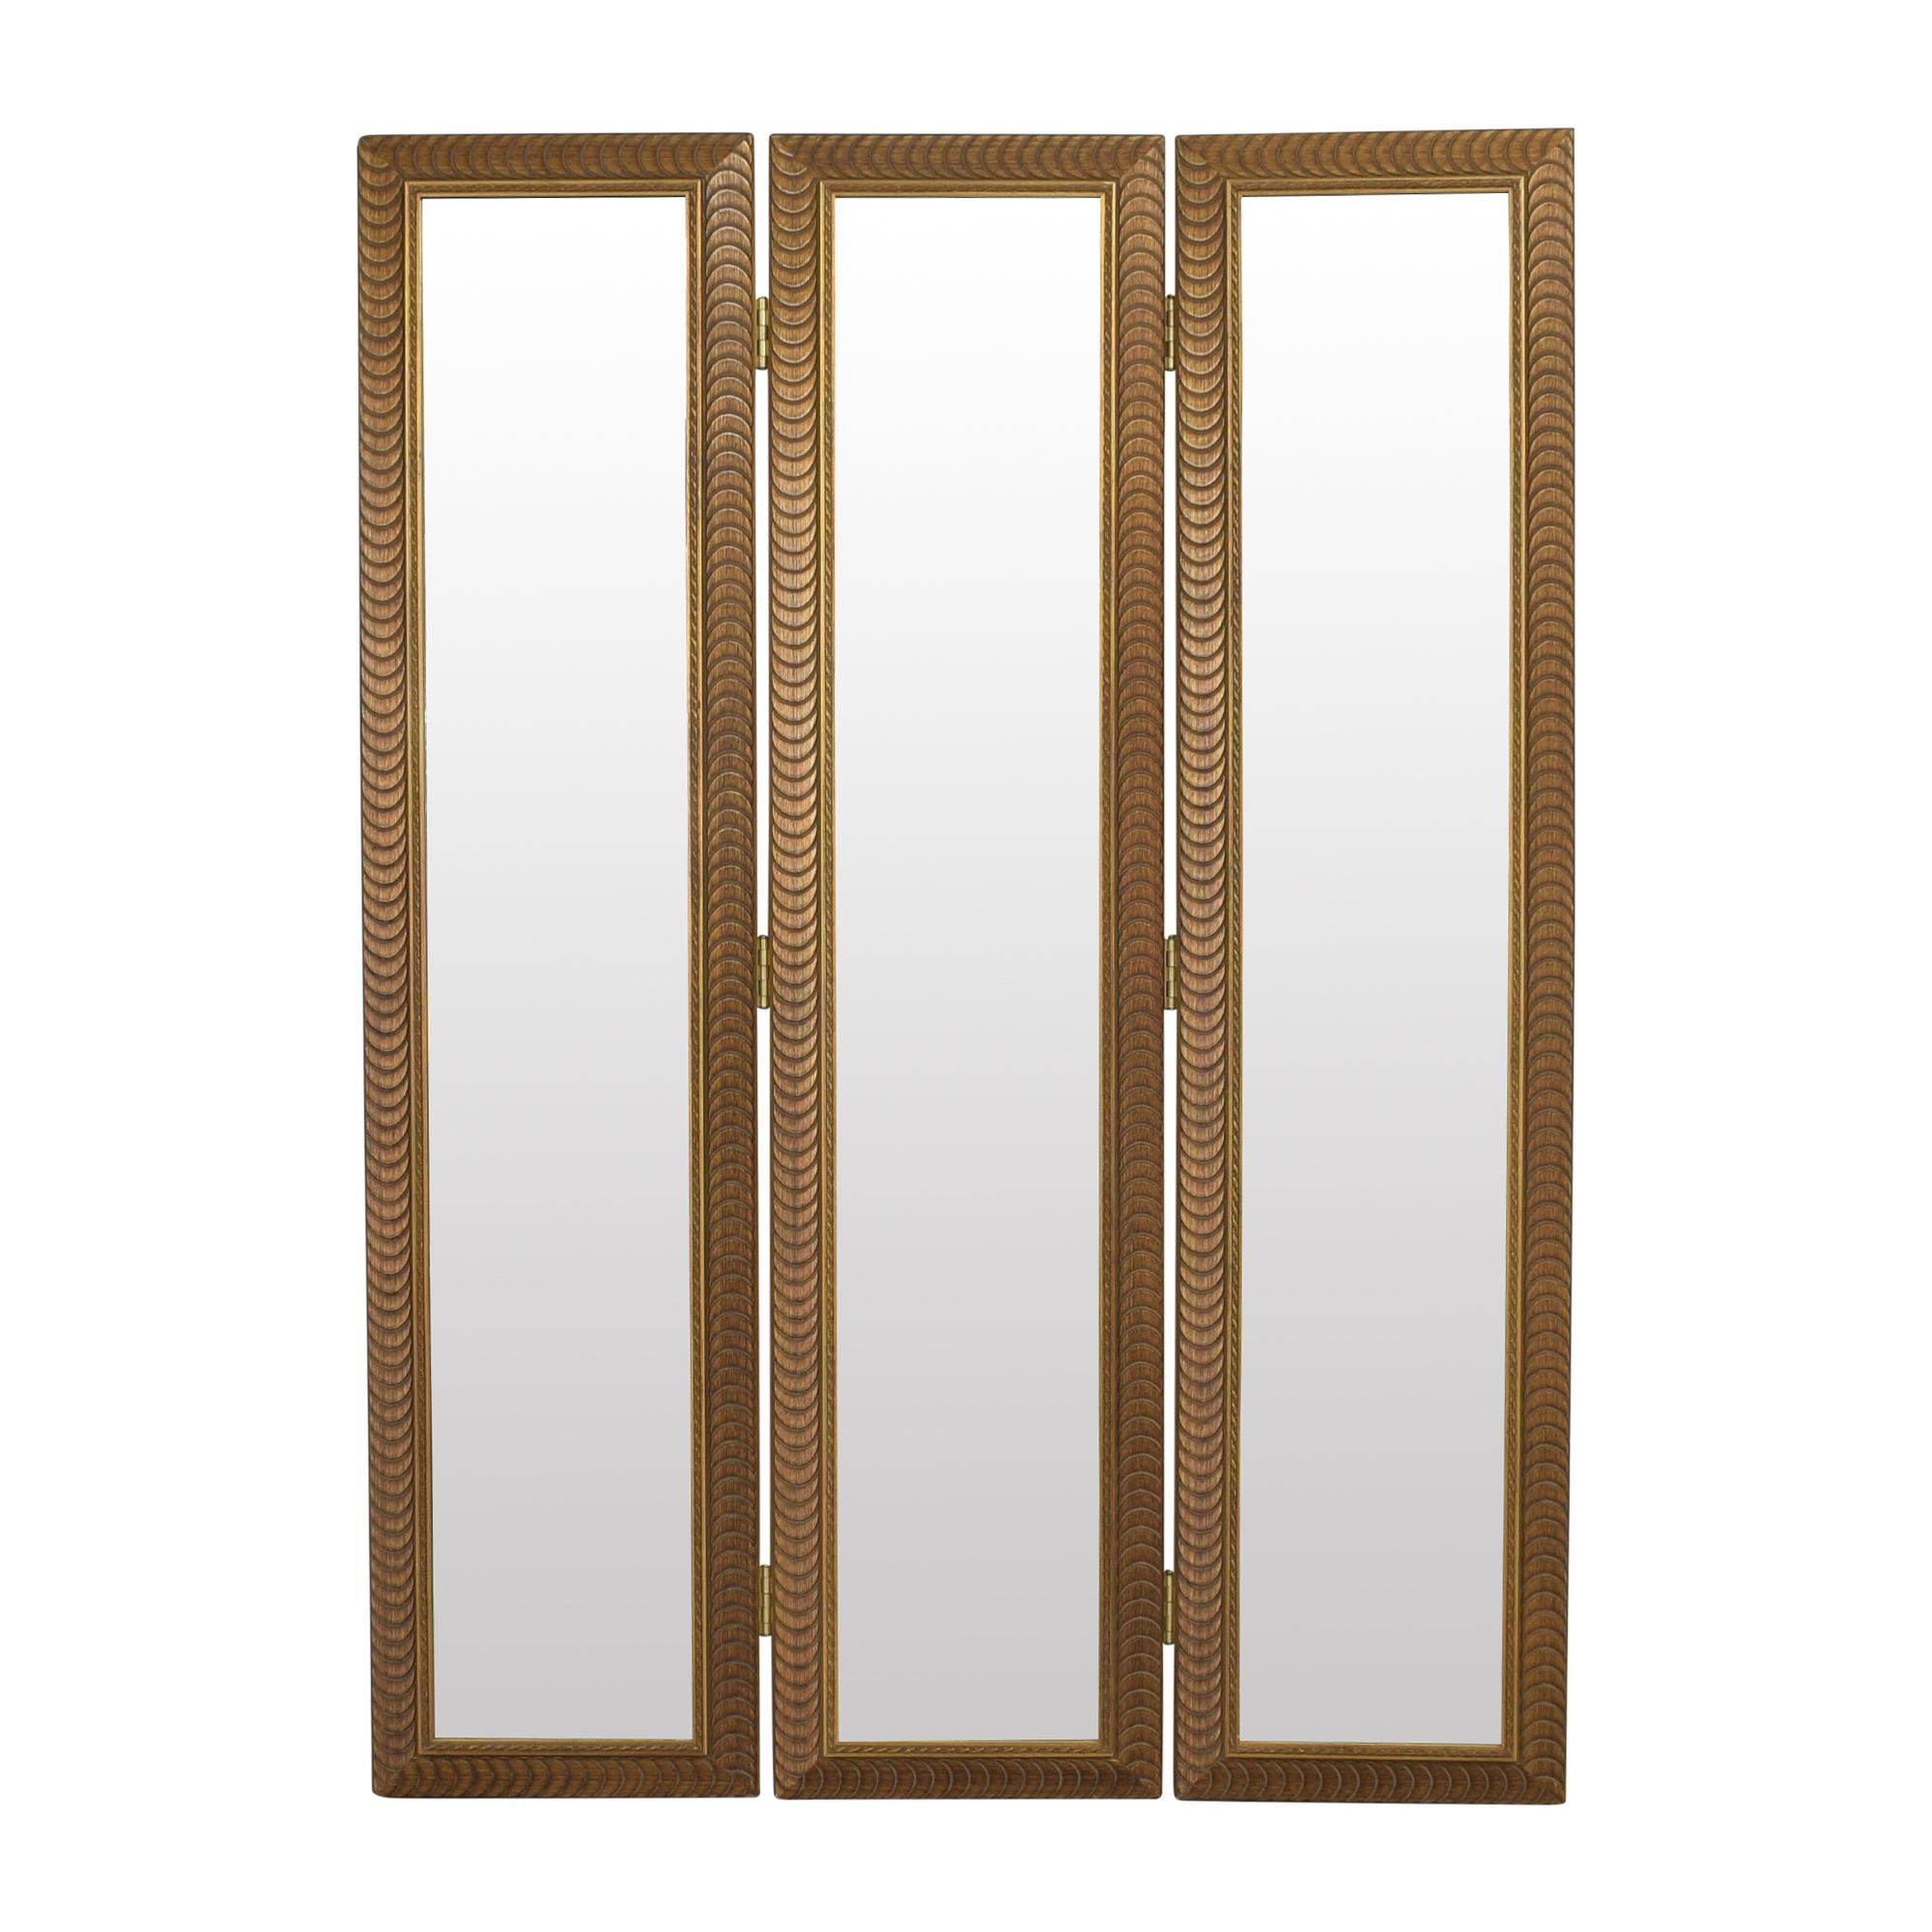 Tri-Panel Floor Mirror used